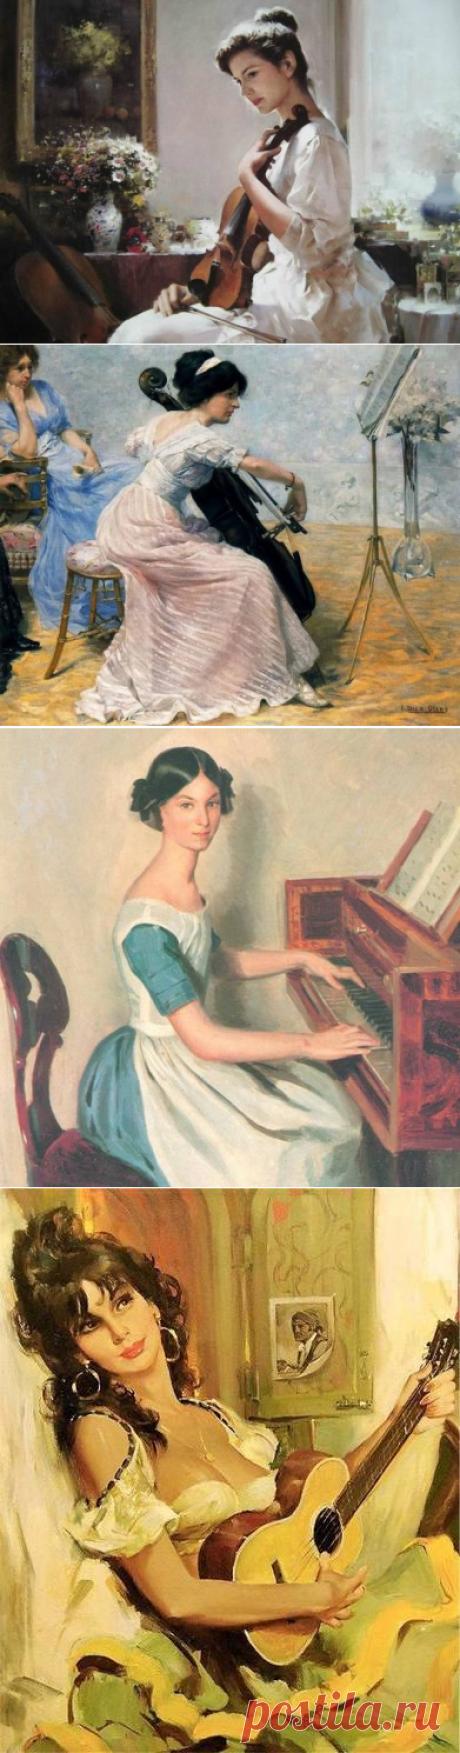 Музыкальные инструменты в живописи.